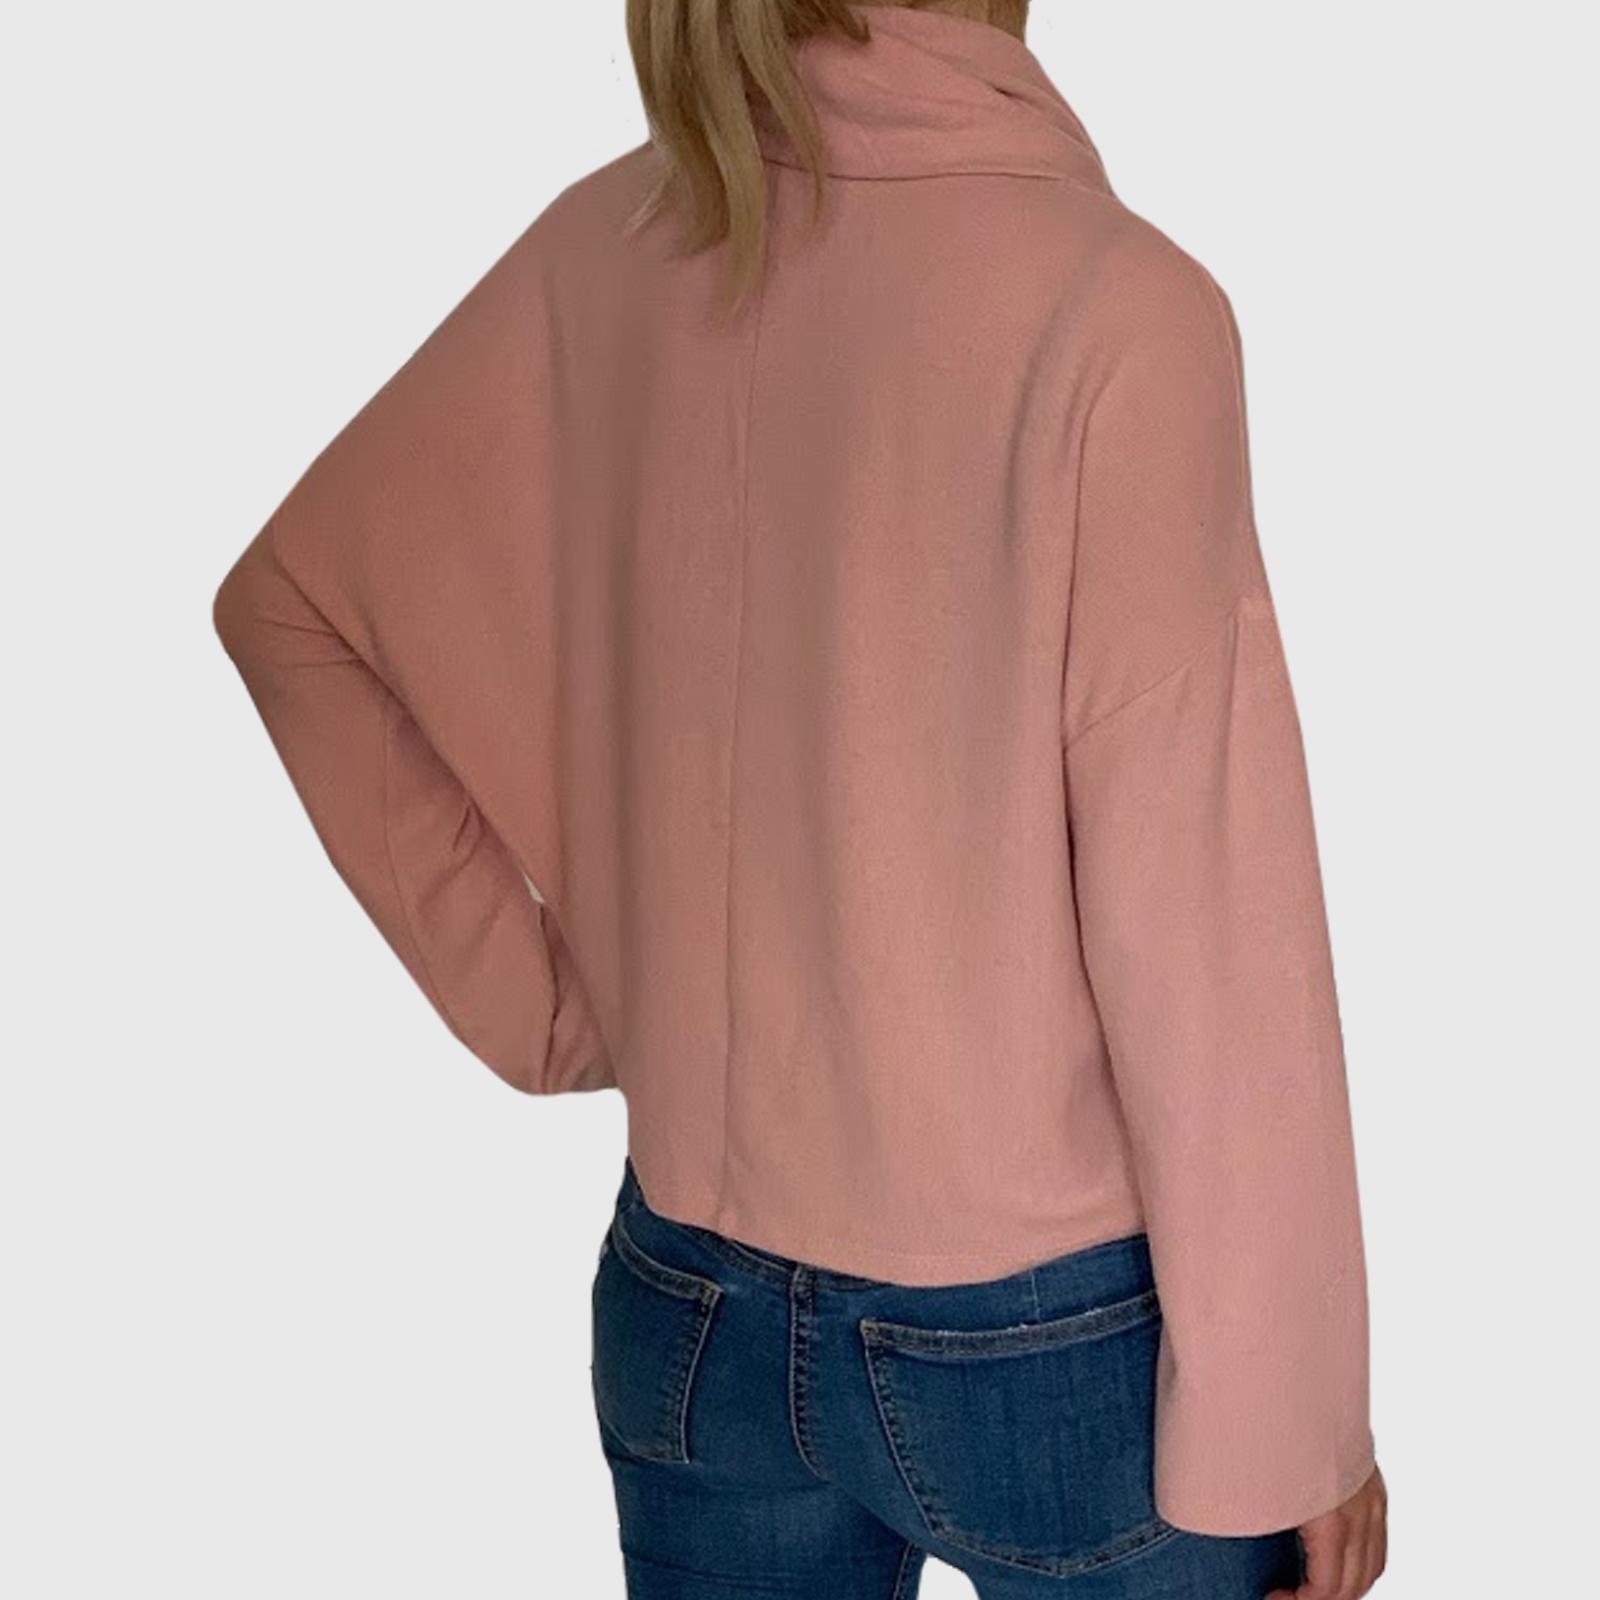 Купить в интернет магазине молодежный свитер для девушки